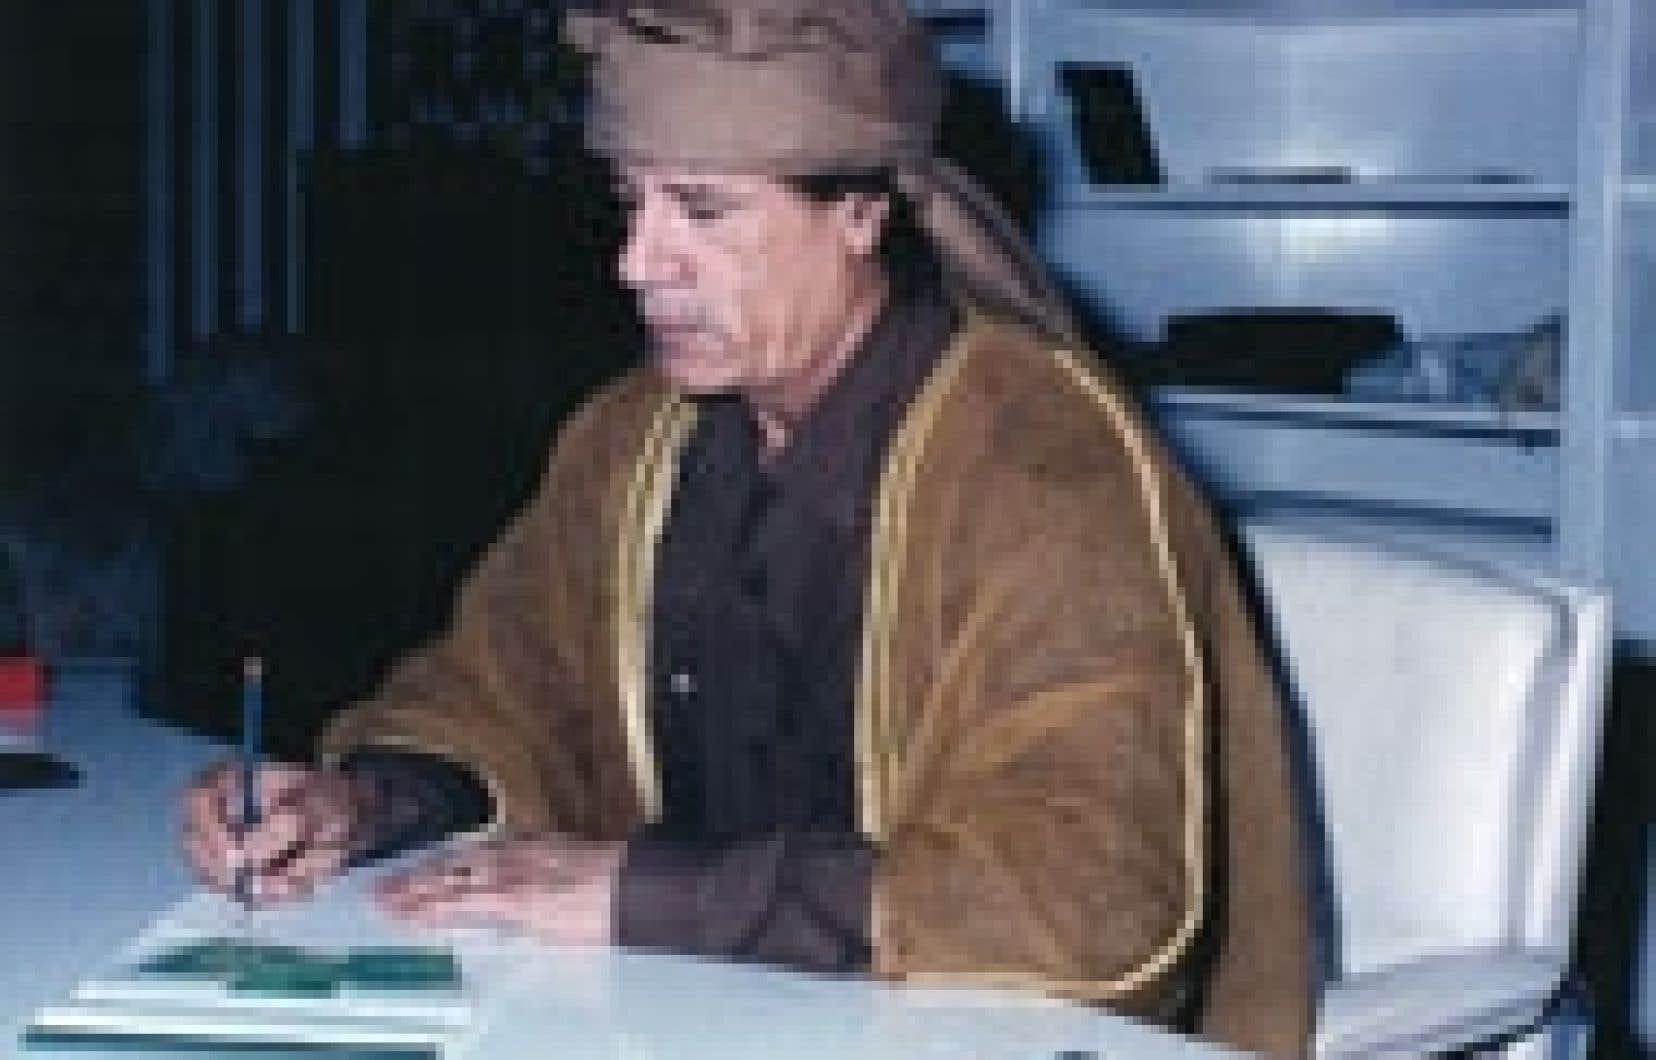 Kadhafi a souvent parlé du rôle que son pays joue en maintenant un verrou contre la montée des intégristes musulmans, qui ont d'ailleurs souvent tenté de l'assassiner. Source: Productions Stanké